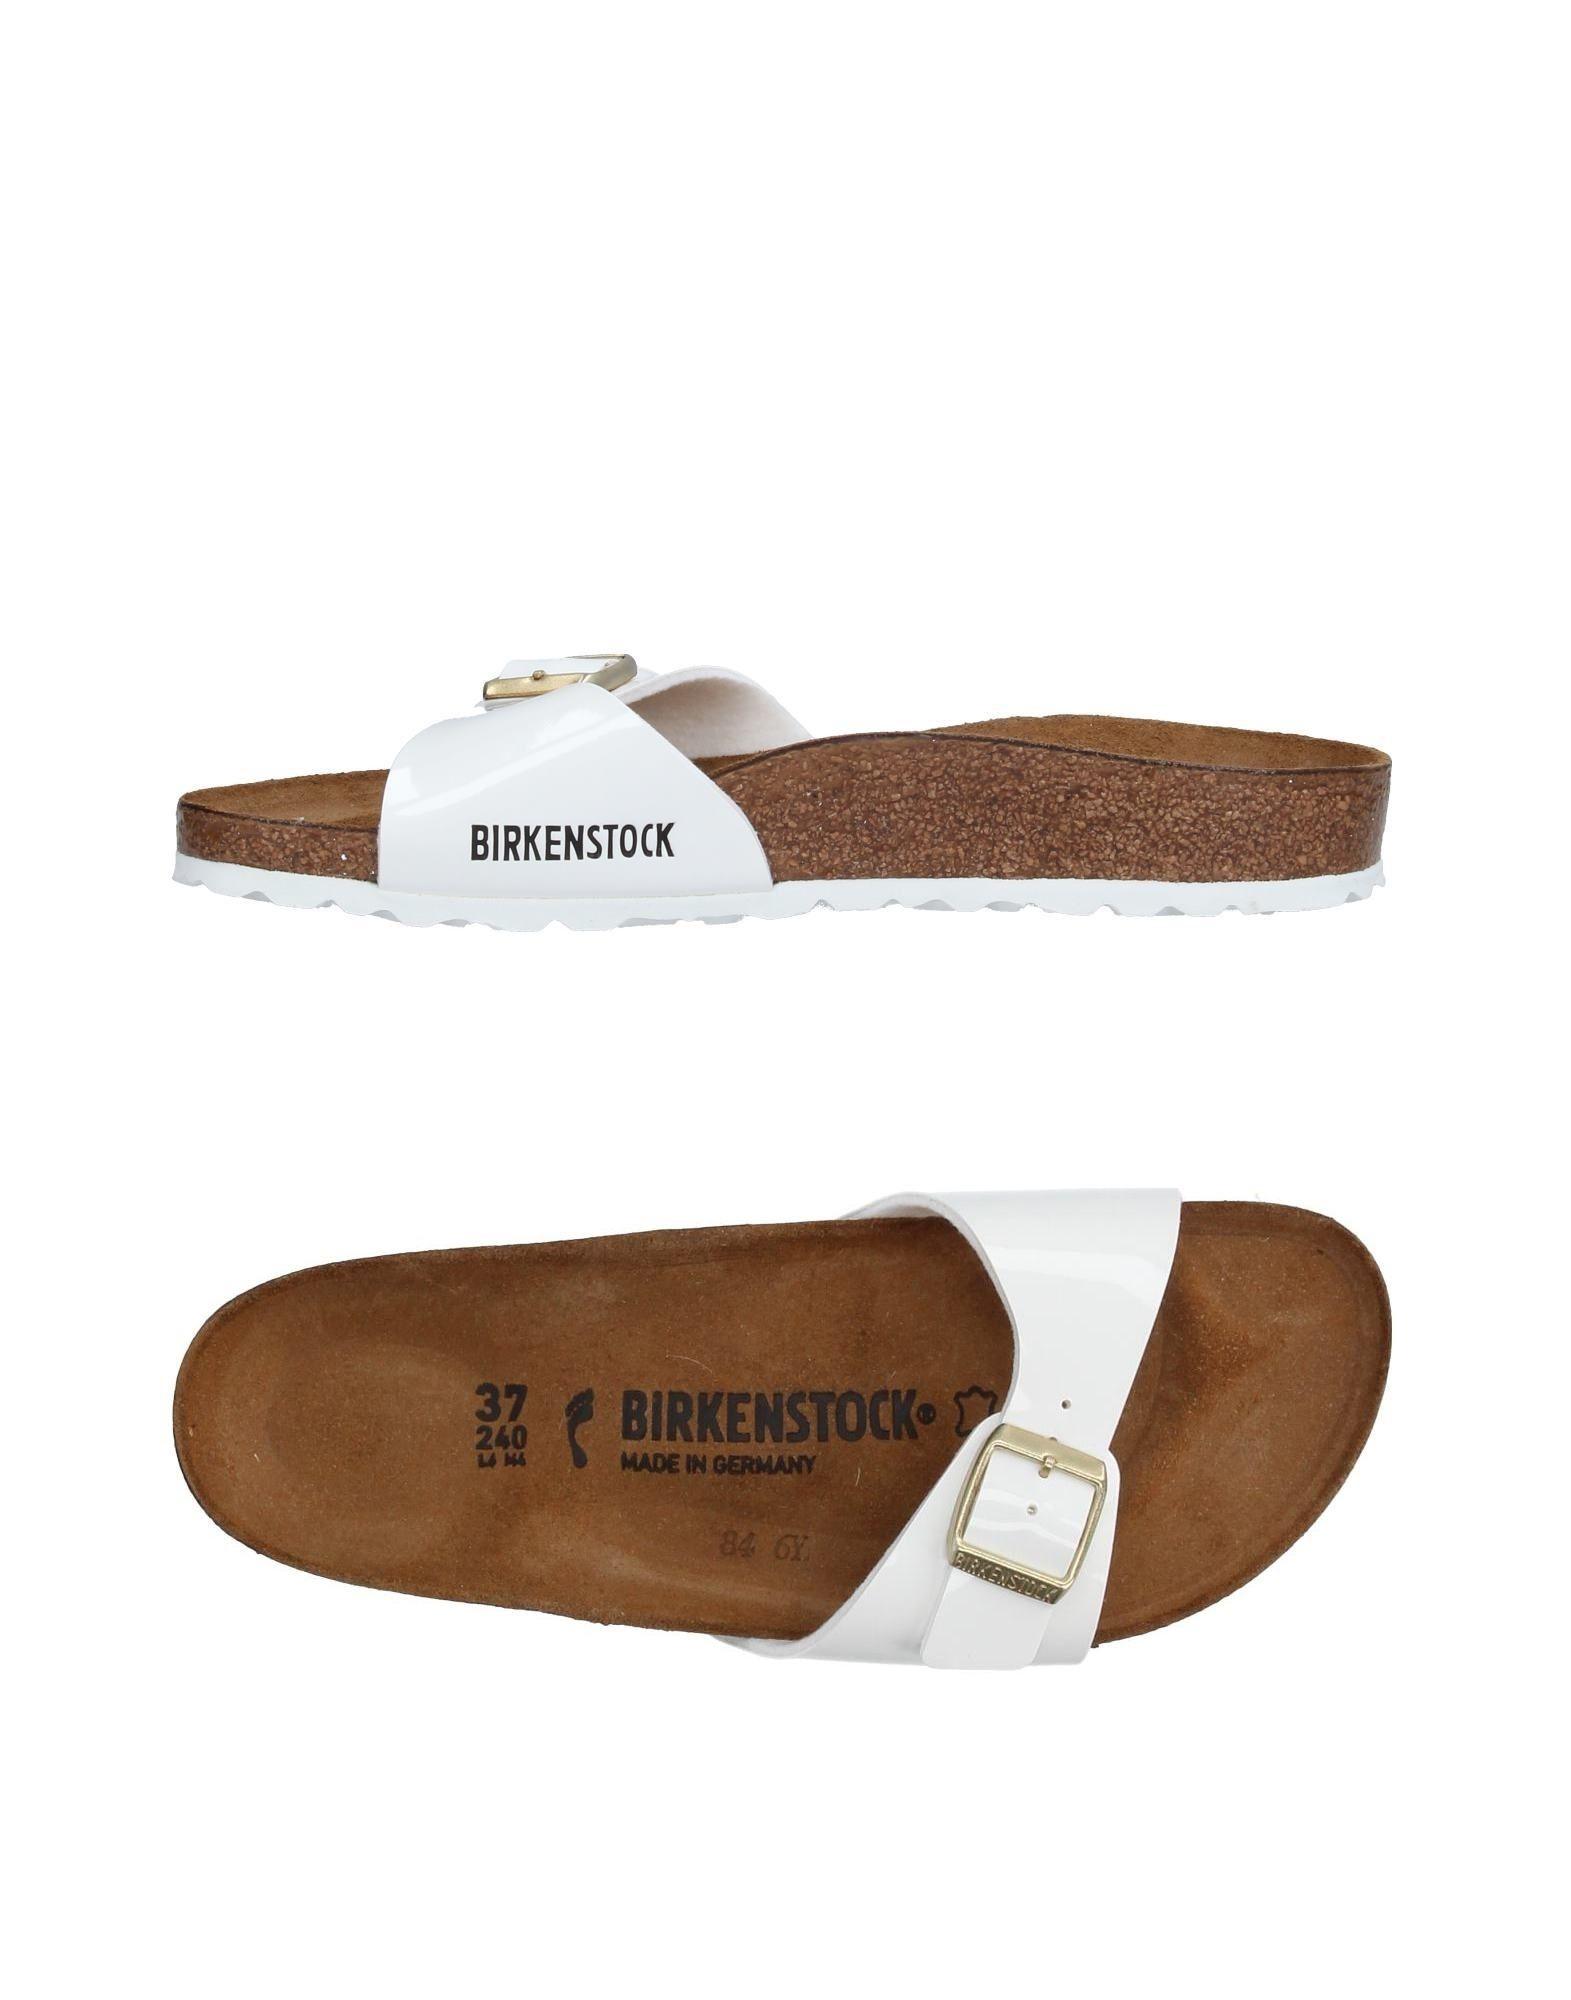 16deca6591a Birkenstock Sandals - Women Birkenstock Sandals online on YOOX Latvia -  11197198UF